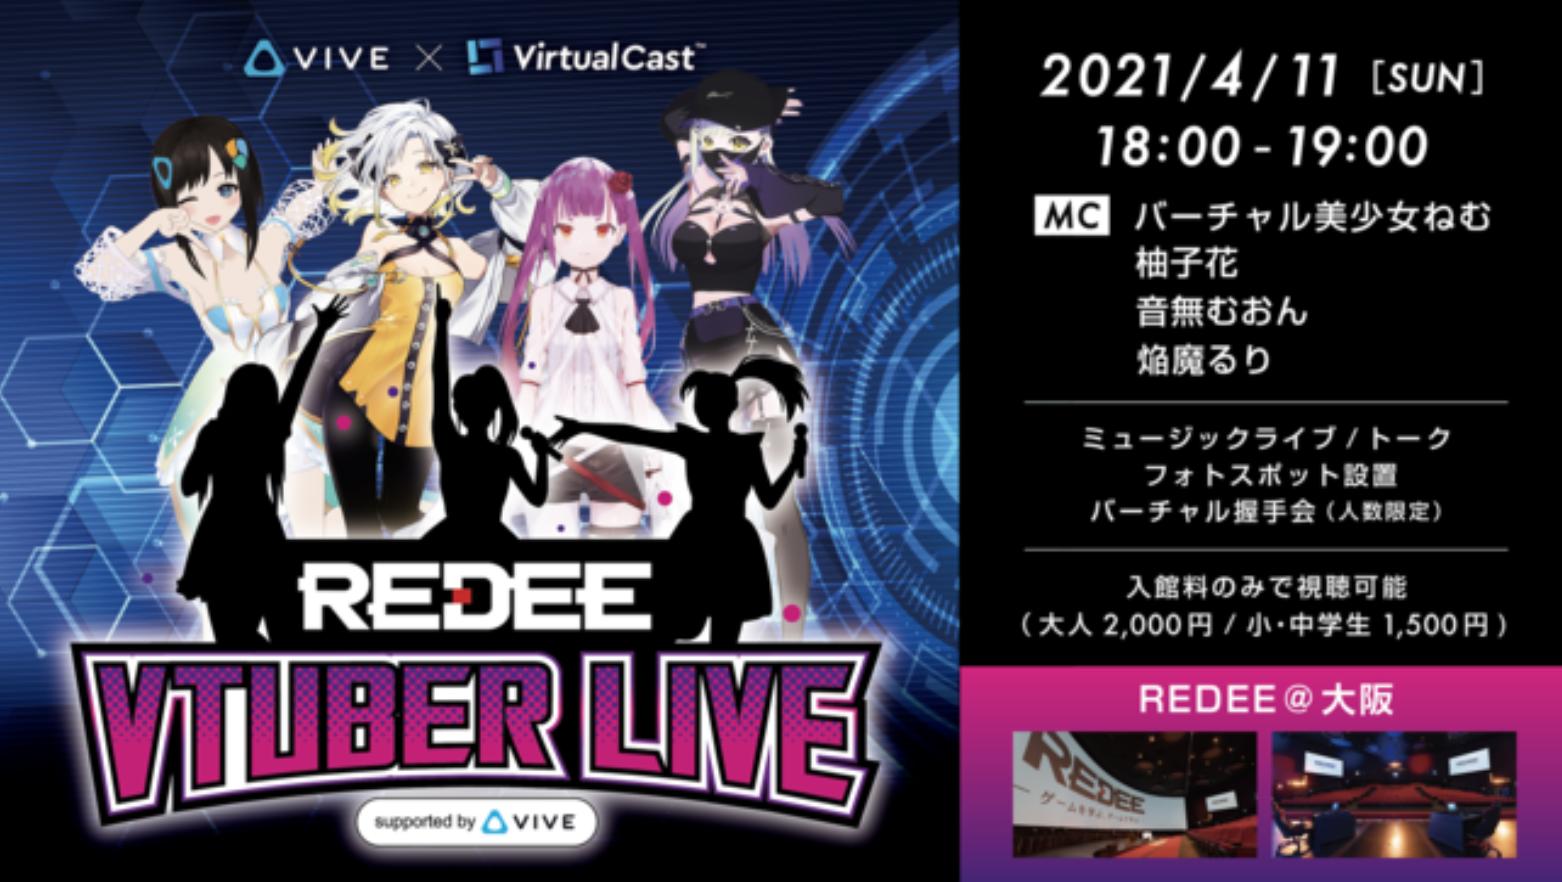 大阪・エキスポシティ内の国内最大級のデジタル教育施設「REDEE(レディー)」